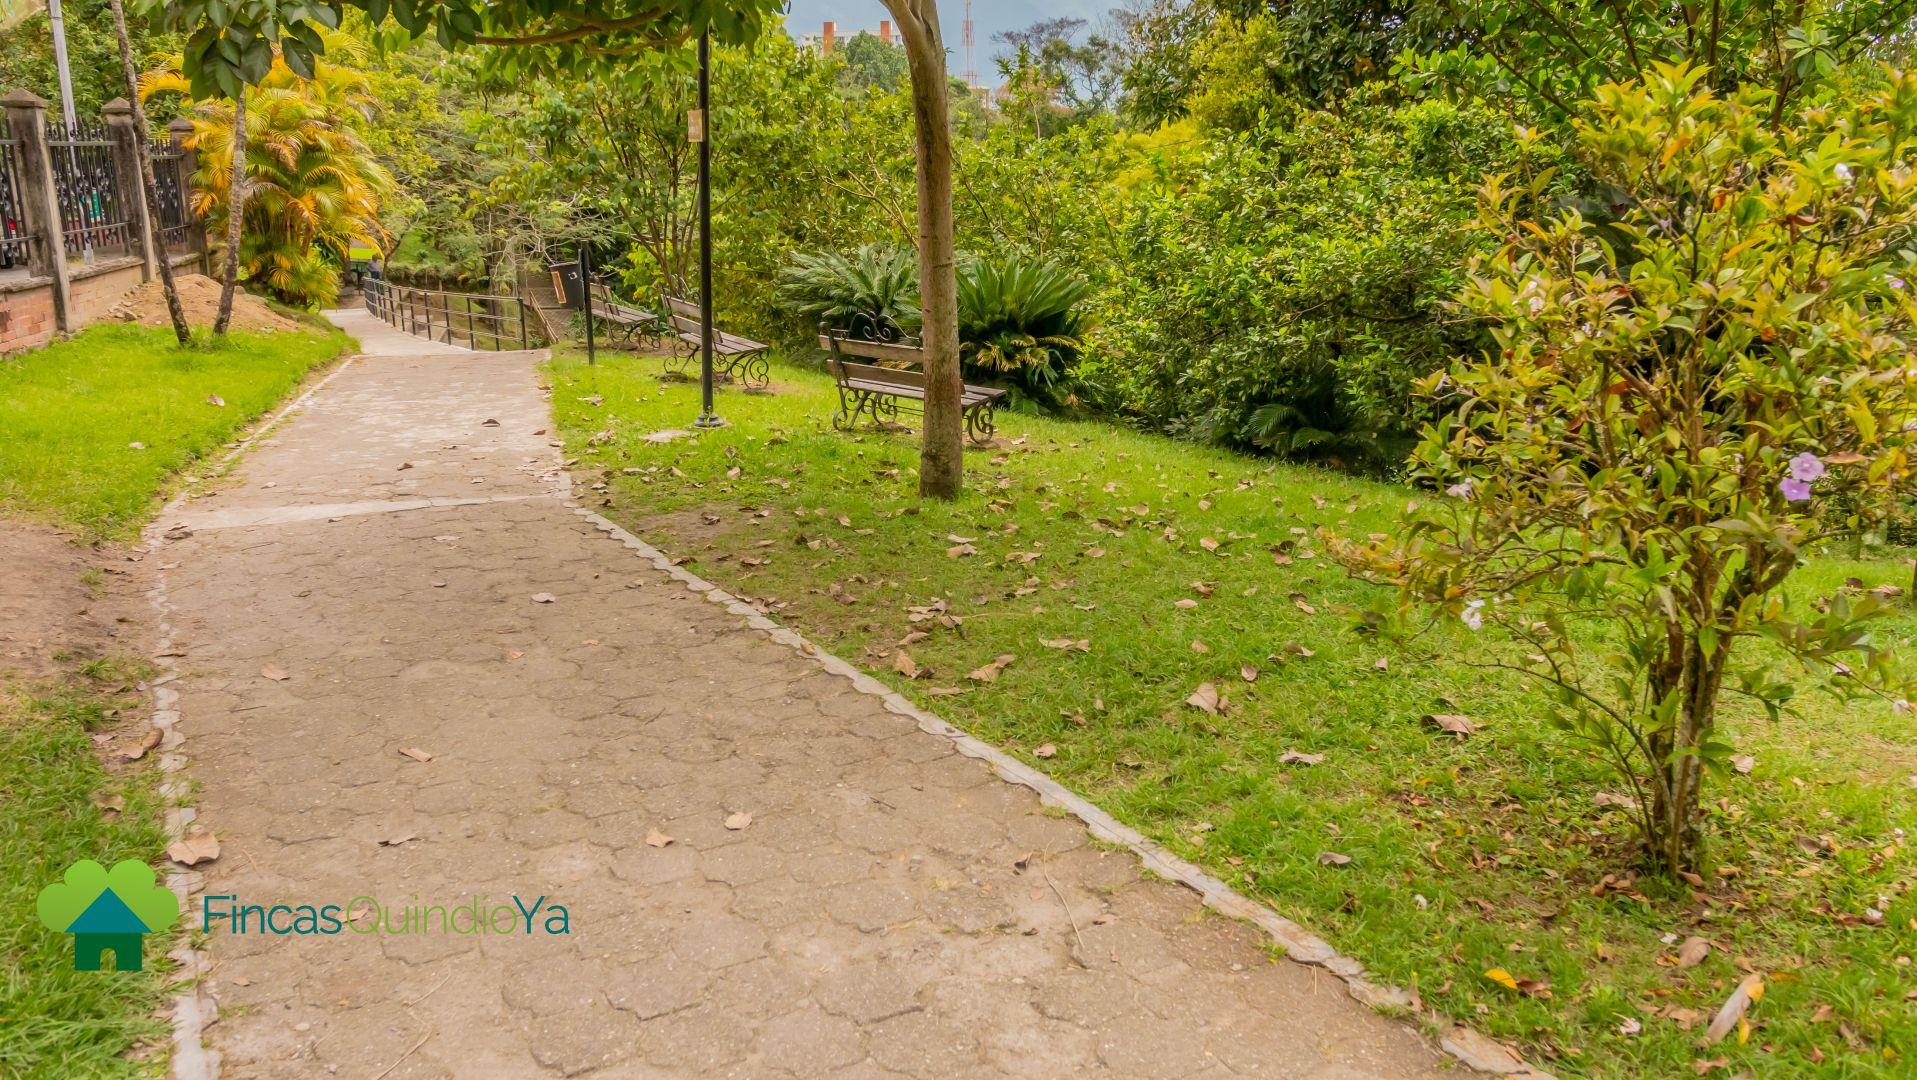 Un sendero y a sus lados arboles y pasto en El Parque